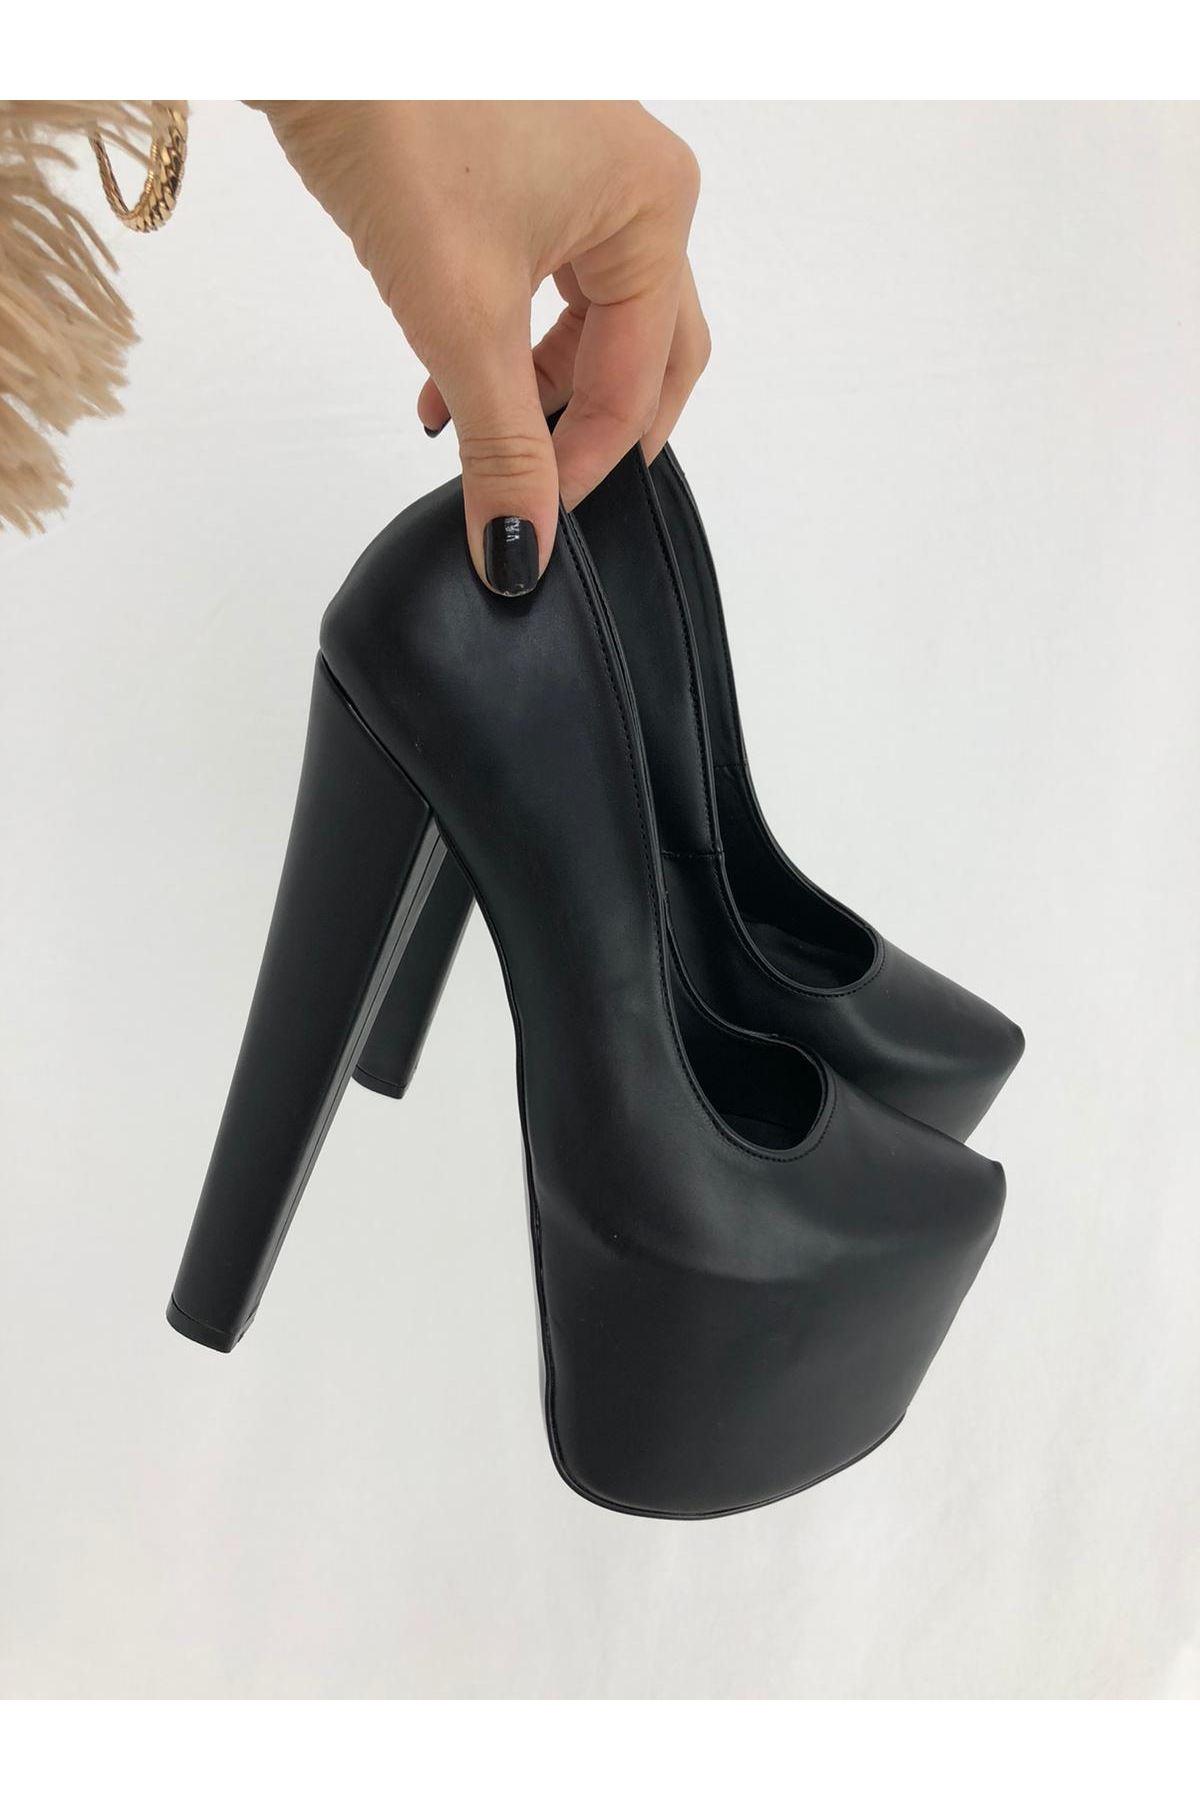 Siyah Cilt Topuklu Ayakkabı